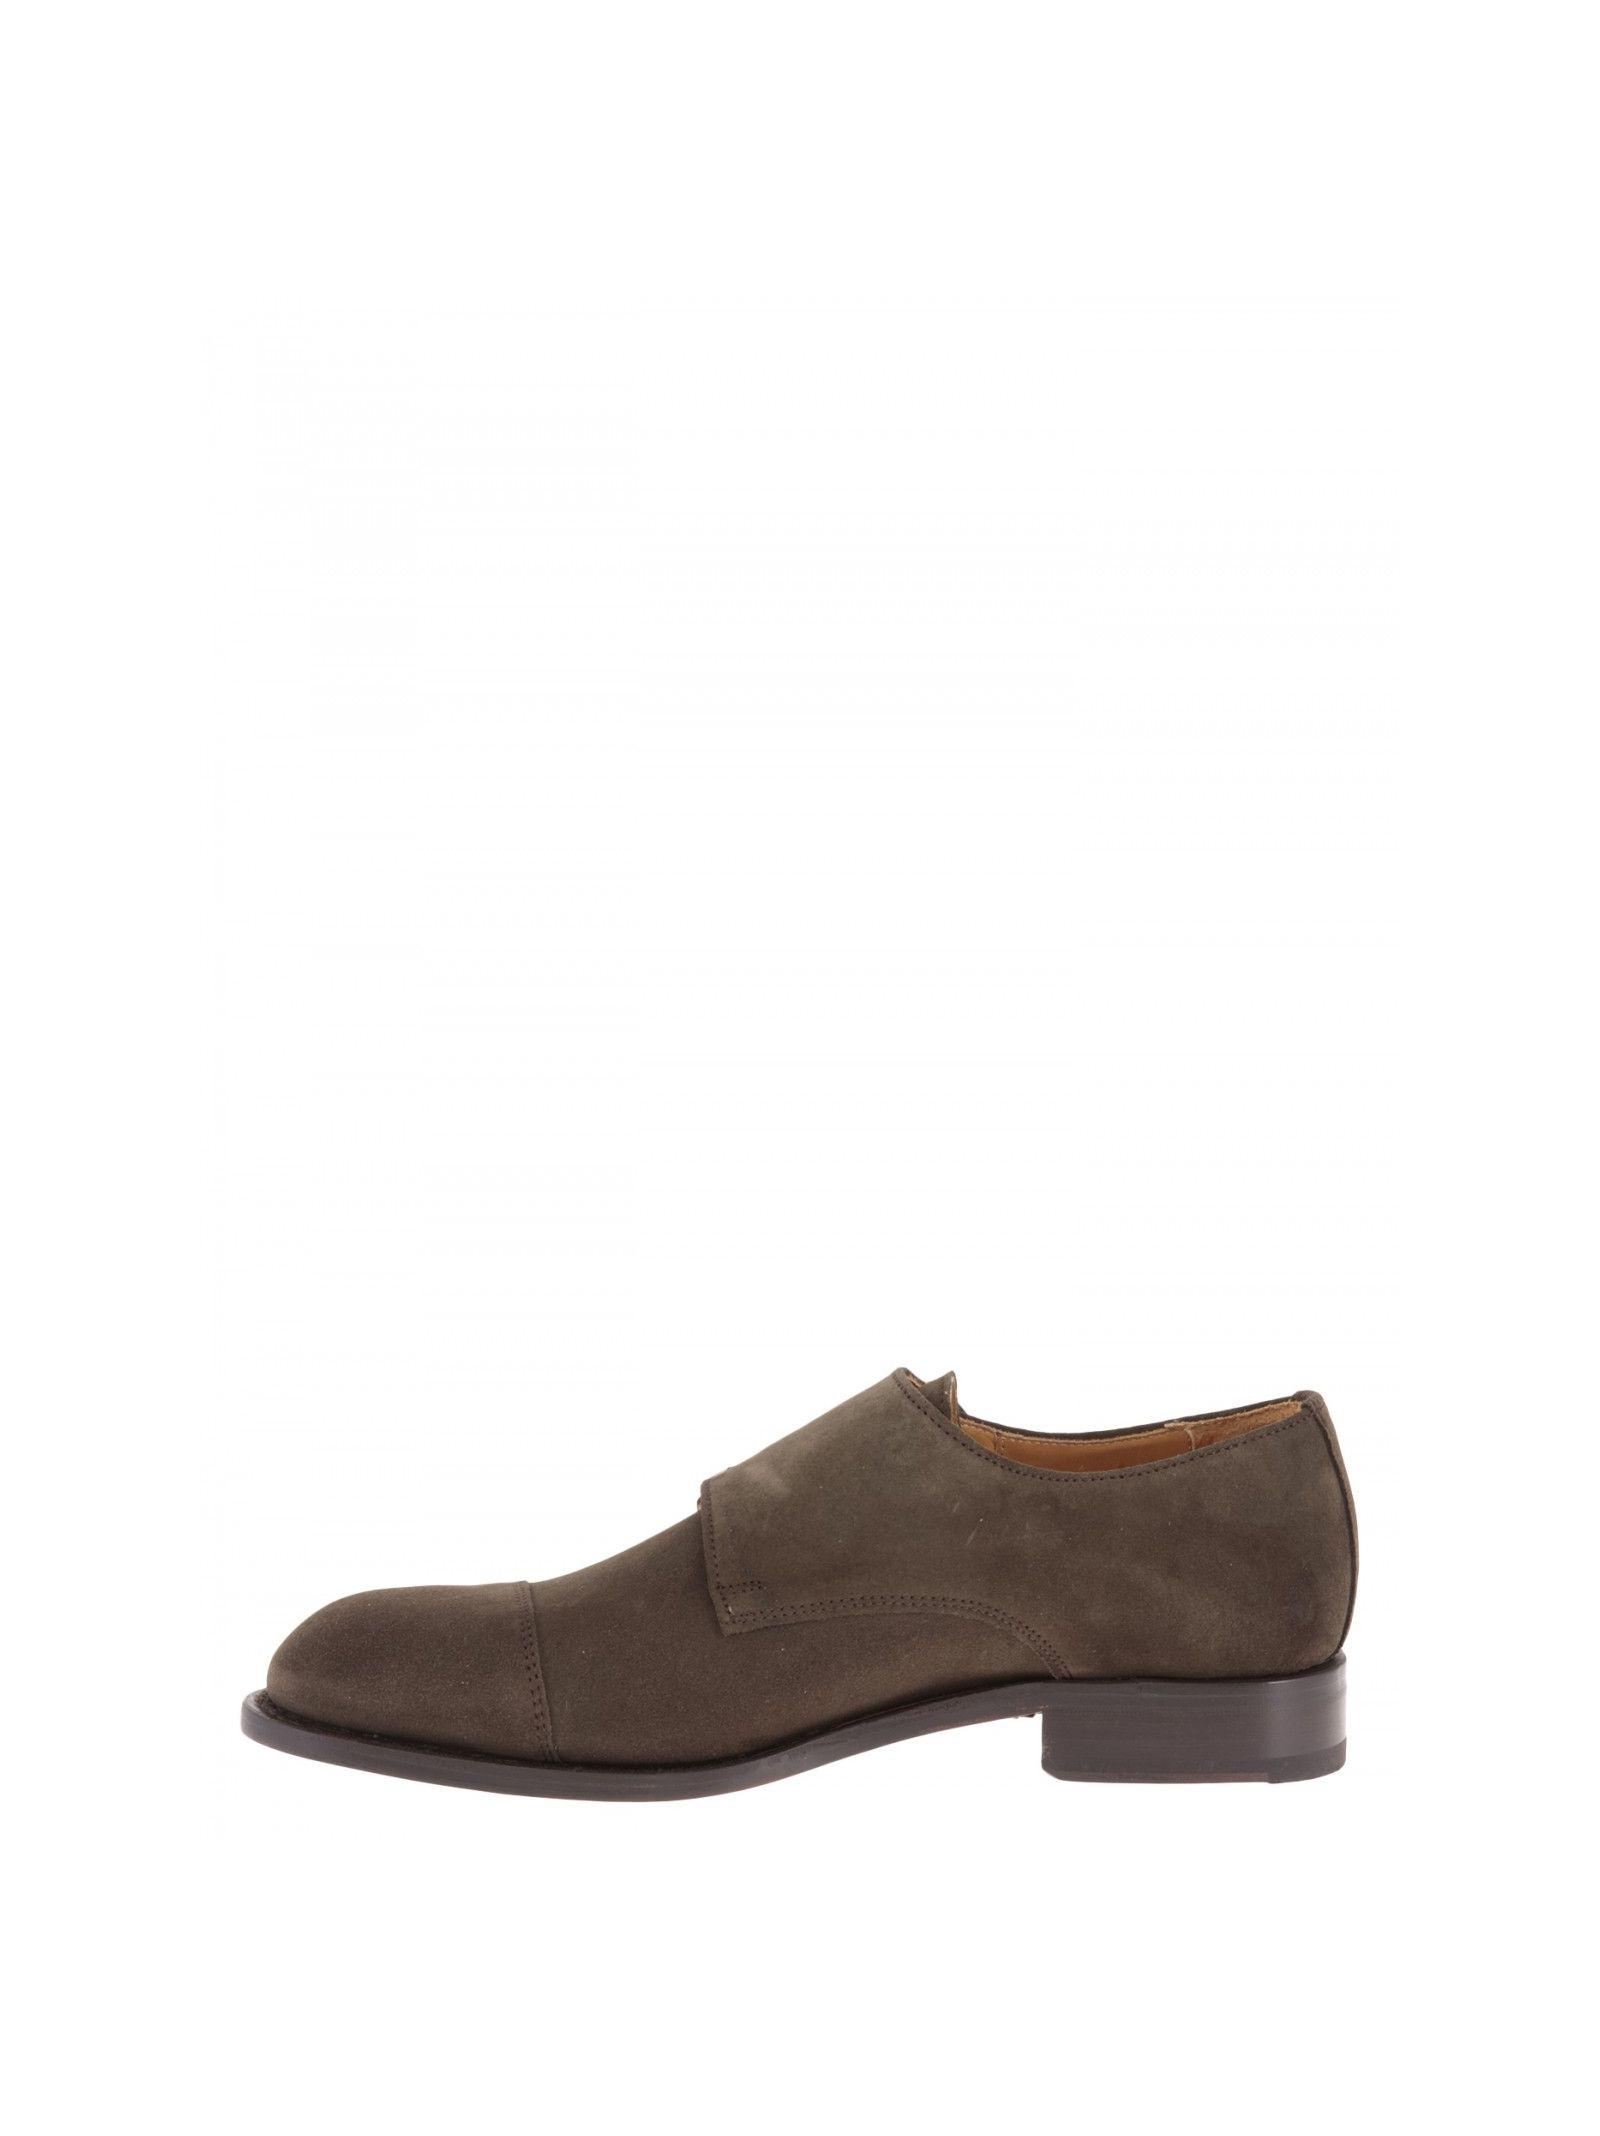 Berwick 1707 Lace Shoes Homme Brown bp4jtM09VB